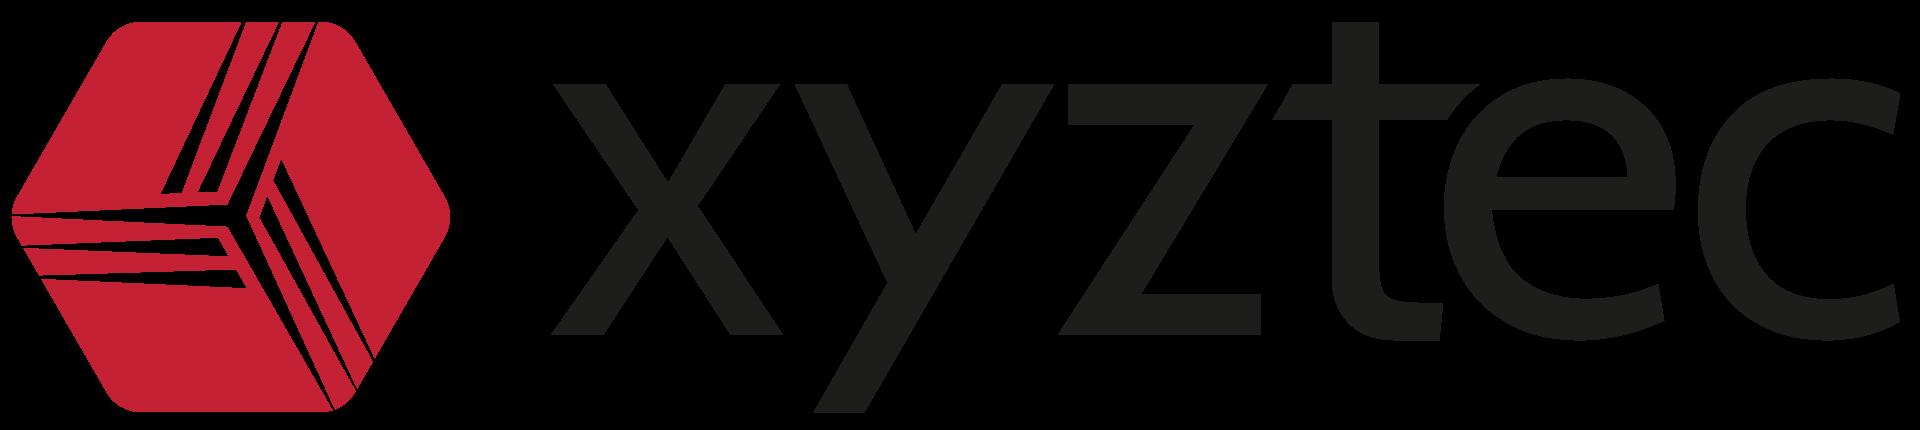 Xyztec logo